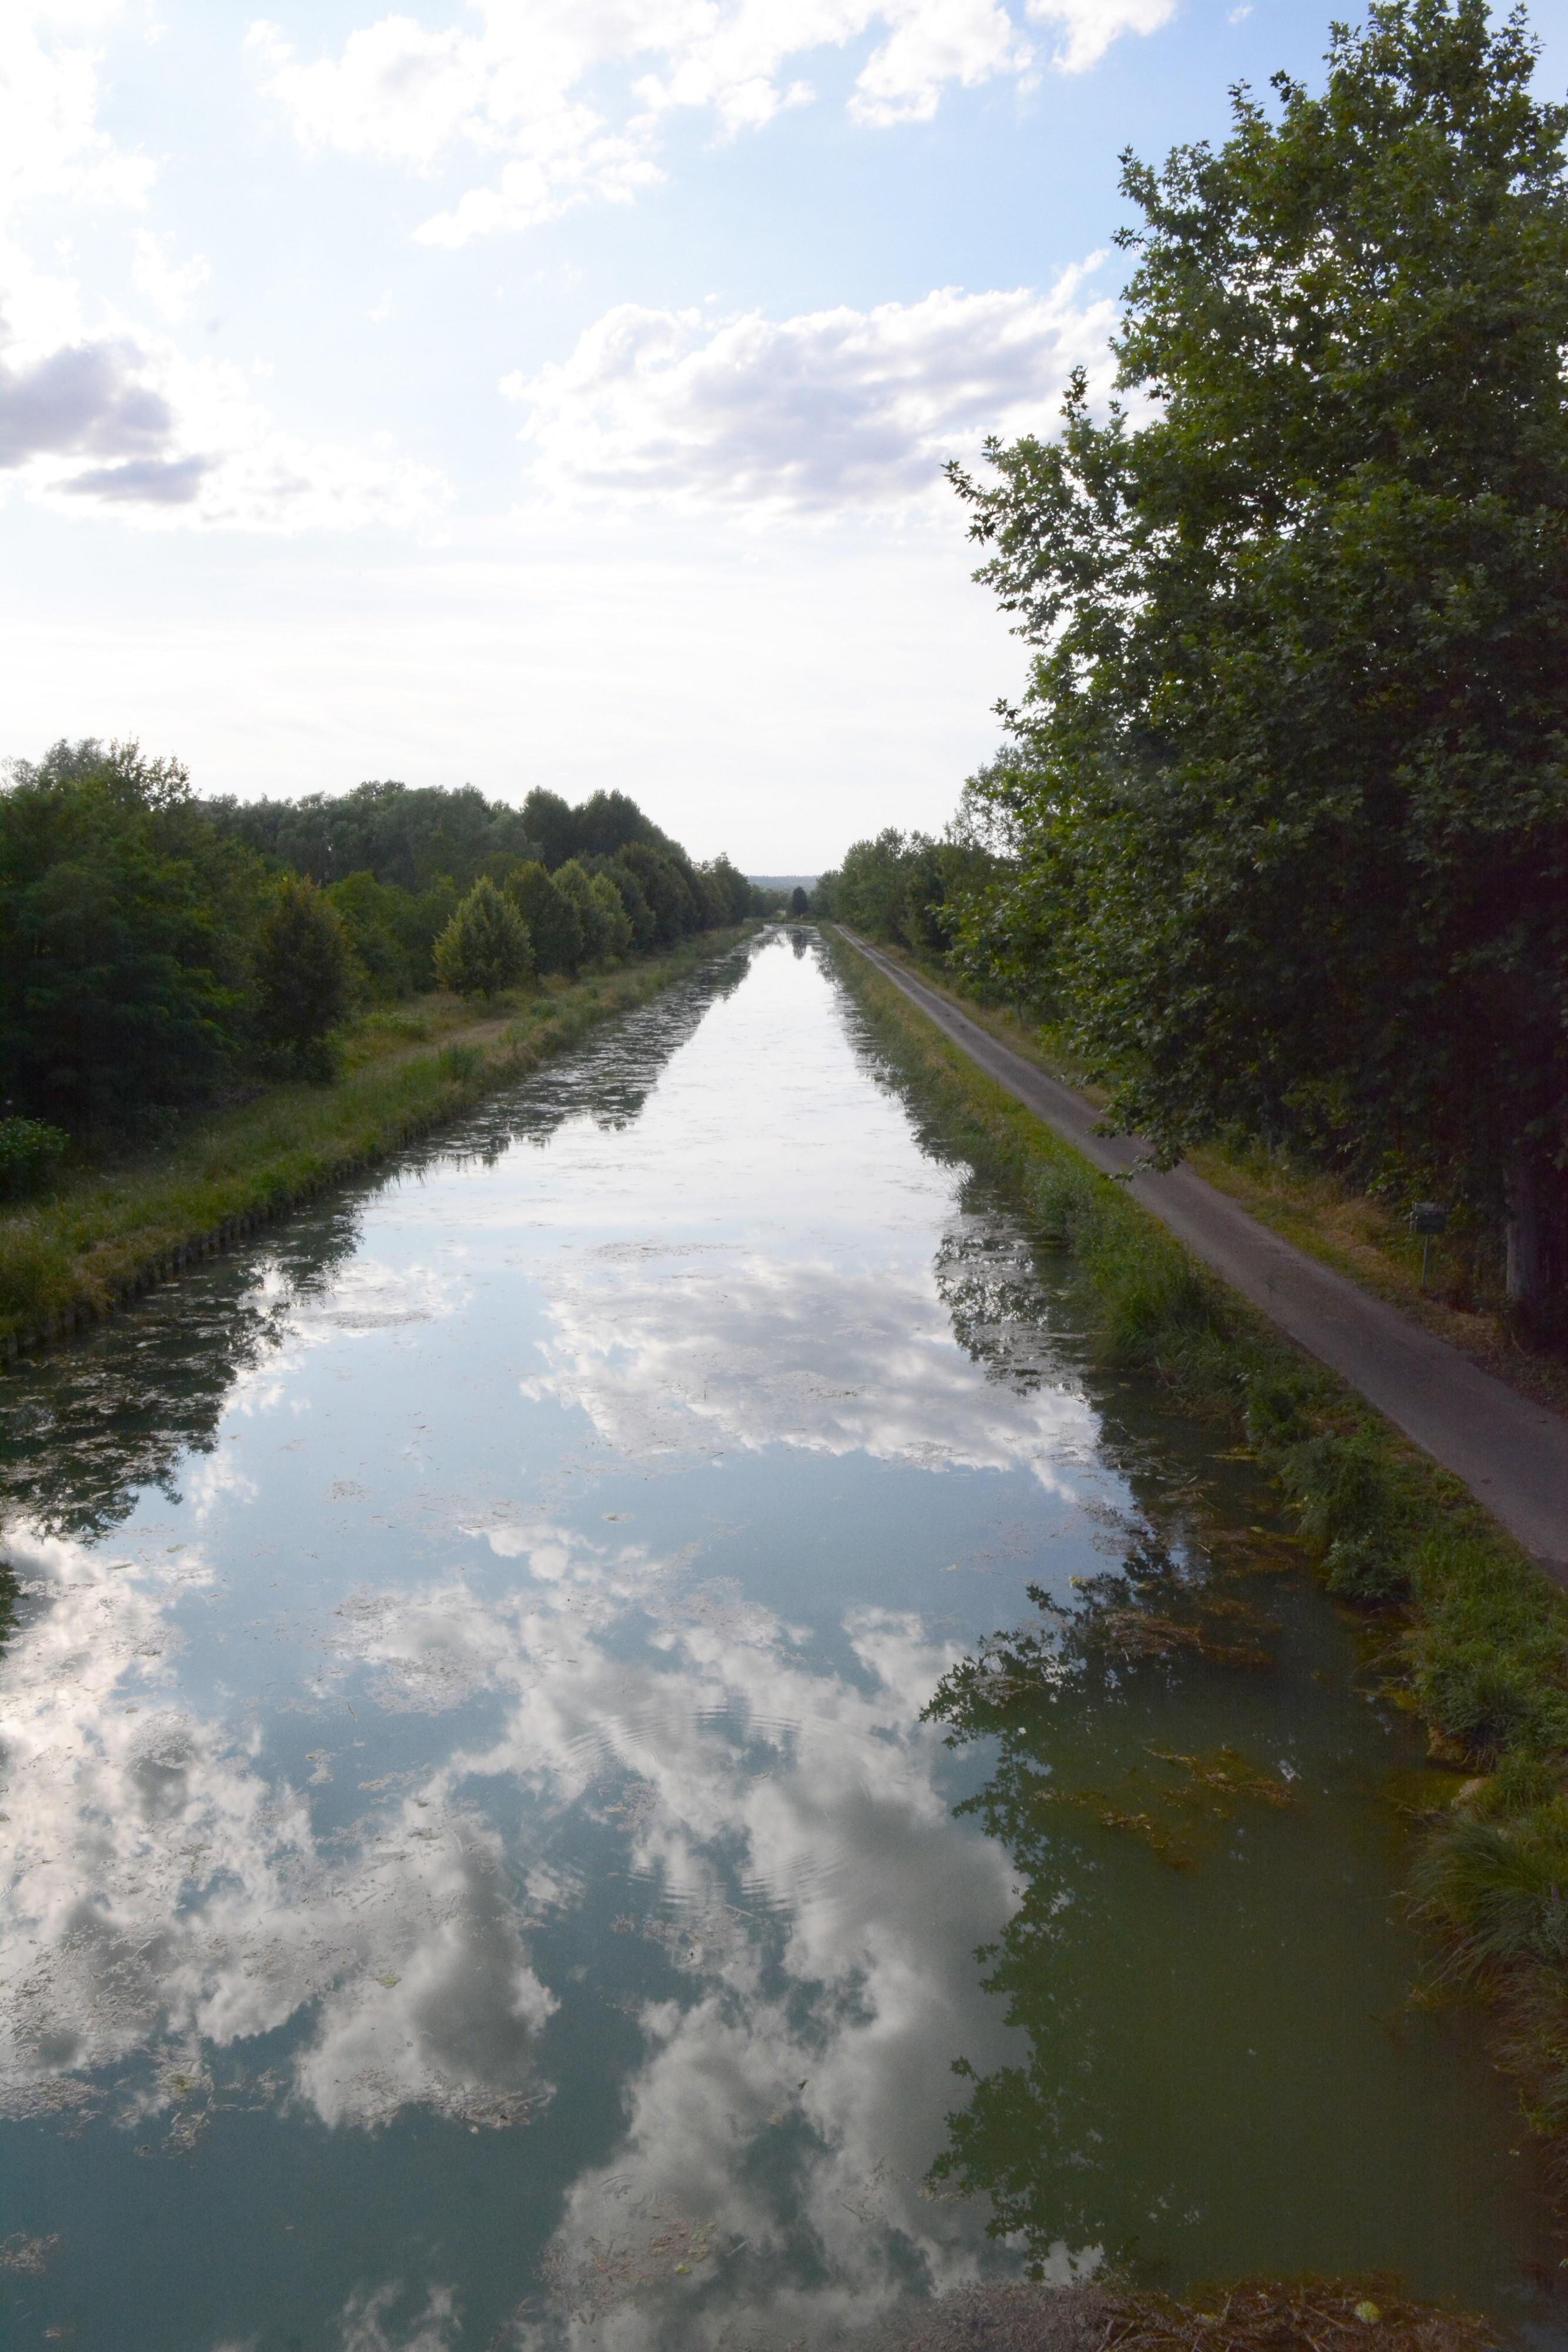 Jeu de miroir à Montigny-Mornay-La Villeneuve sur Vingeanne ©R. Krebel